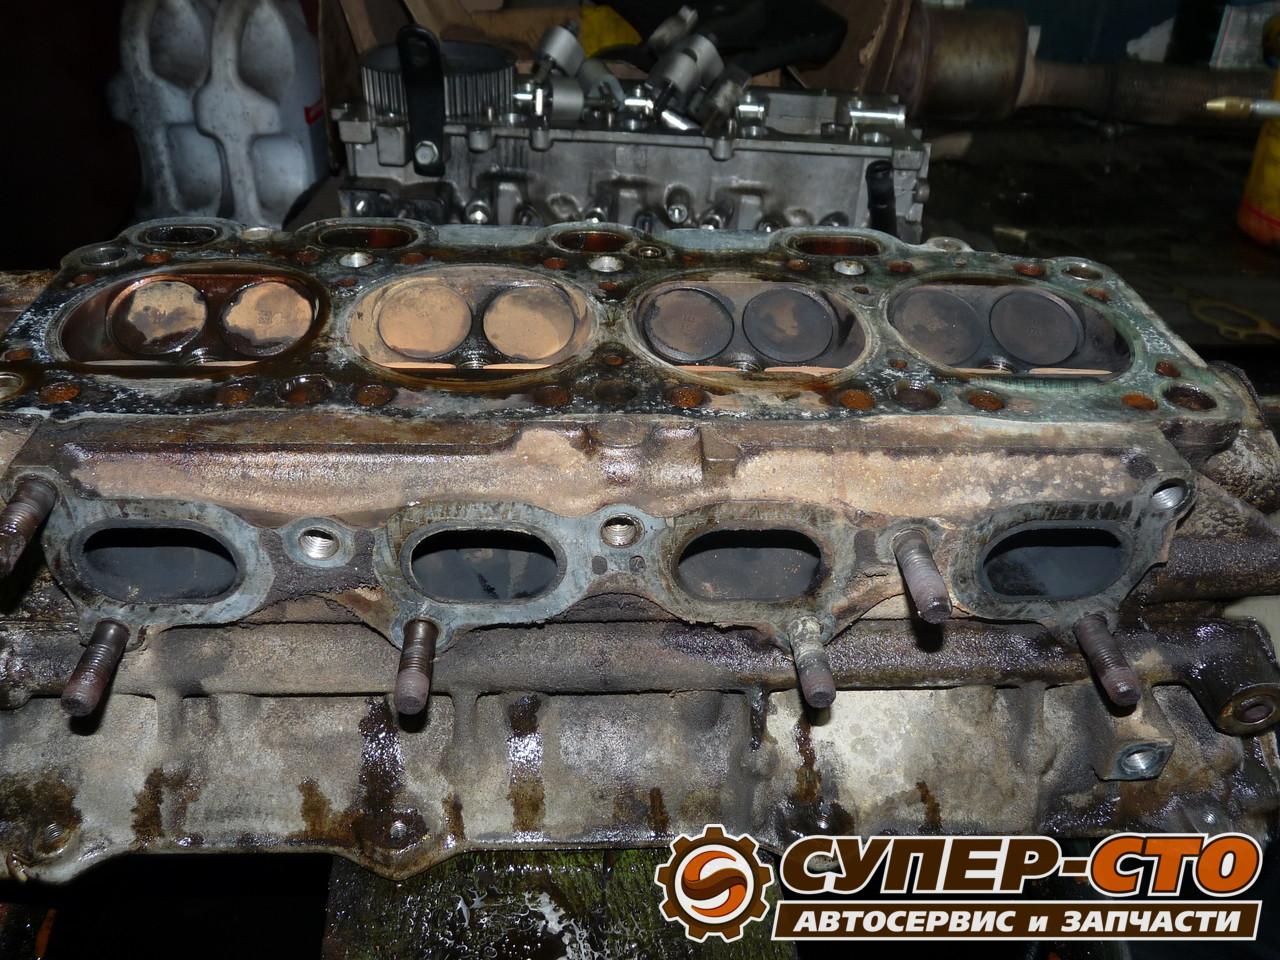 Двигатель змз 405 ремонт своими руками